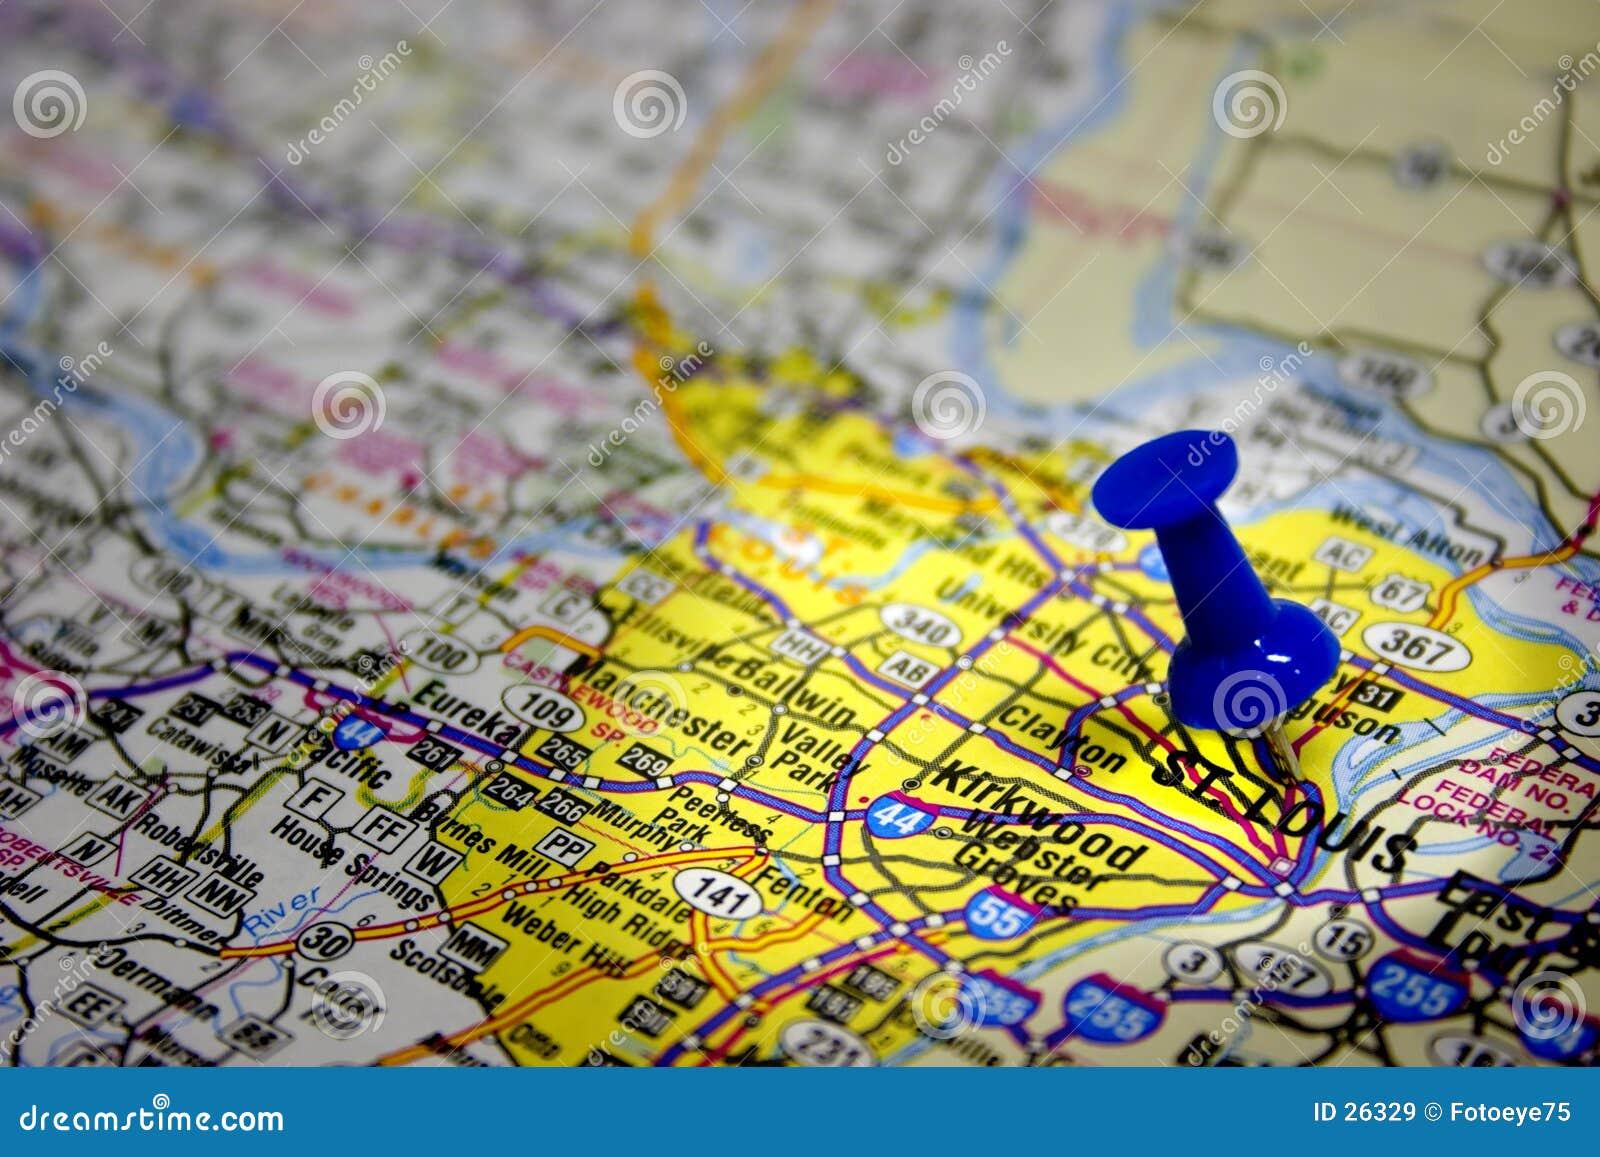 De Kaart van St.Louis Missouri